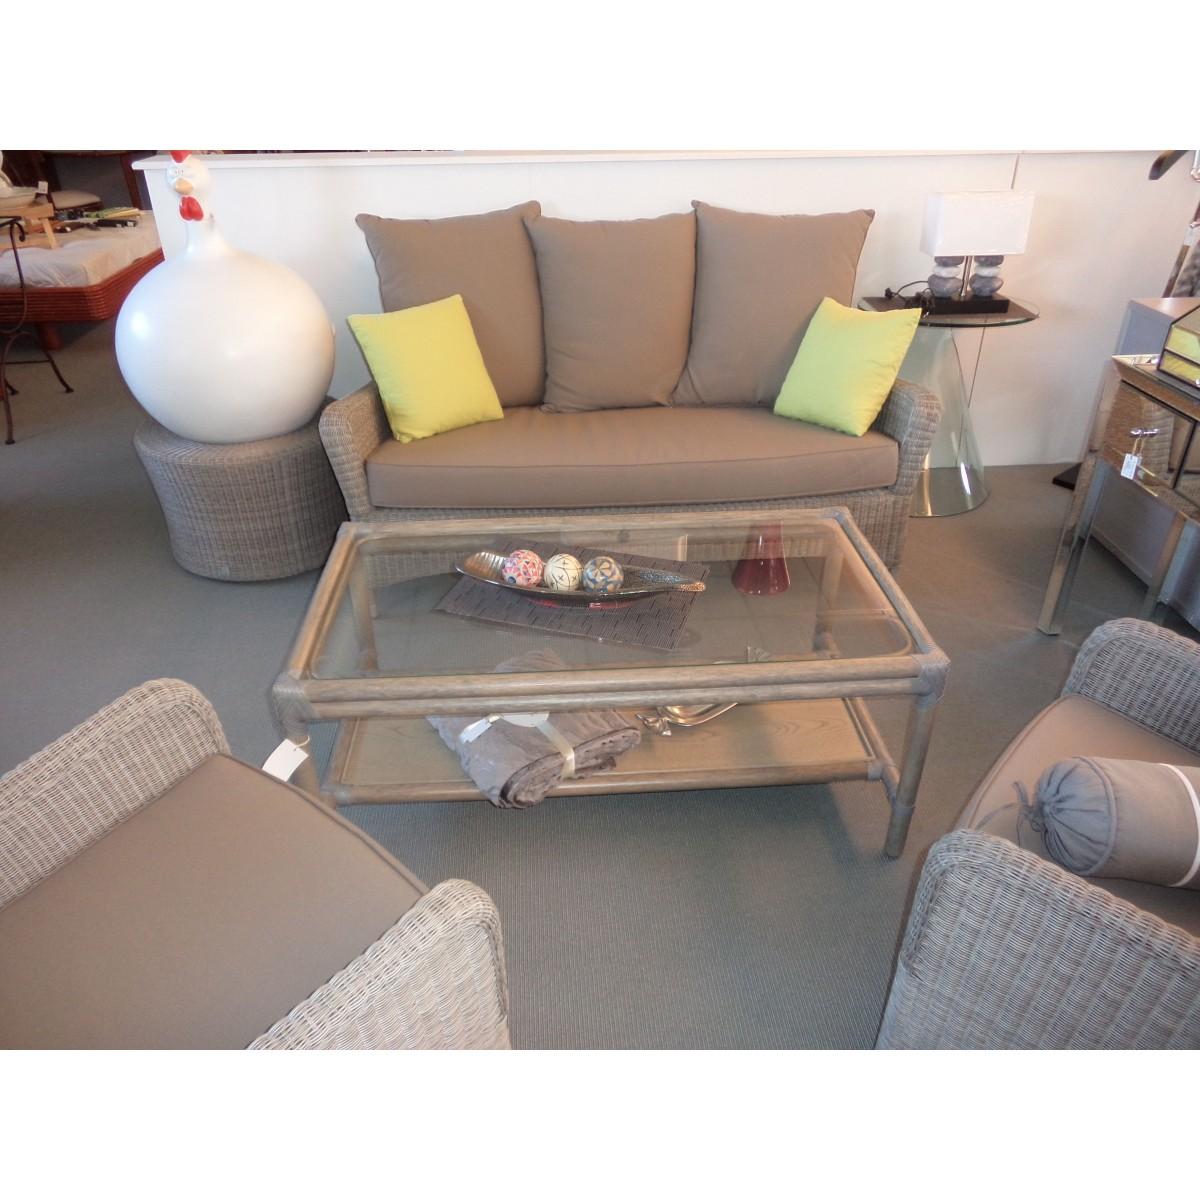 table basse en rotin monaco rectangulaire coloris gris. Black Bedroom Furniture Sets. Home Design Ideas